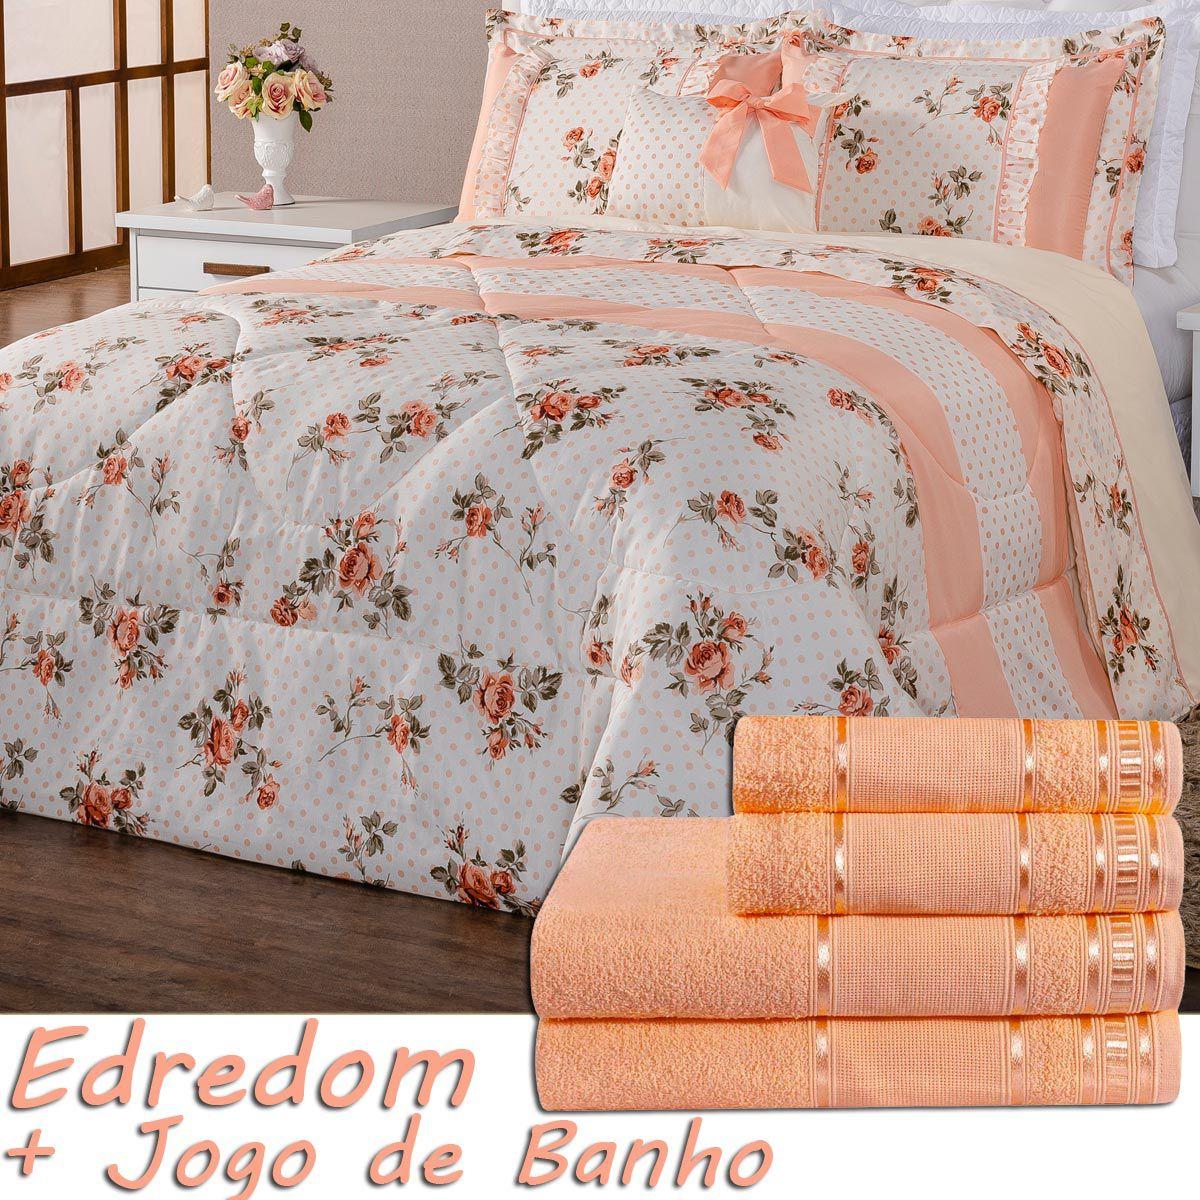 Kit Combo Alice Edredom e Jogo de Banho Floral Salmão Queen 11 Pecas